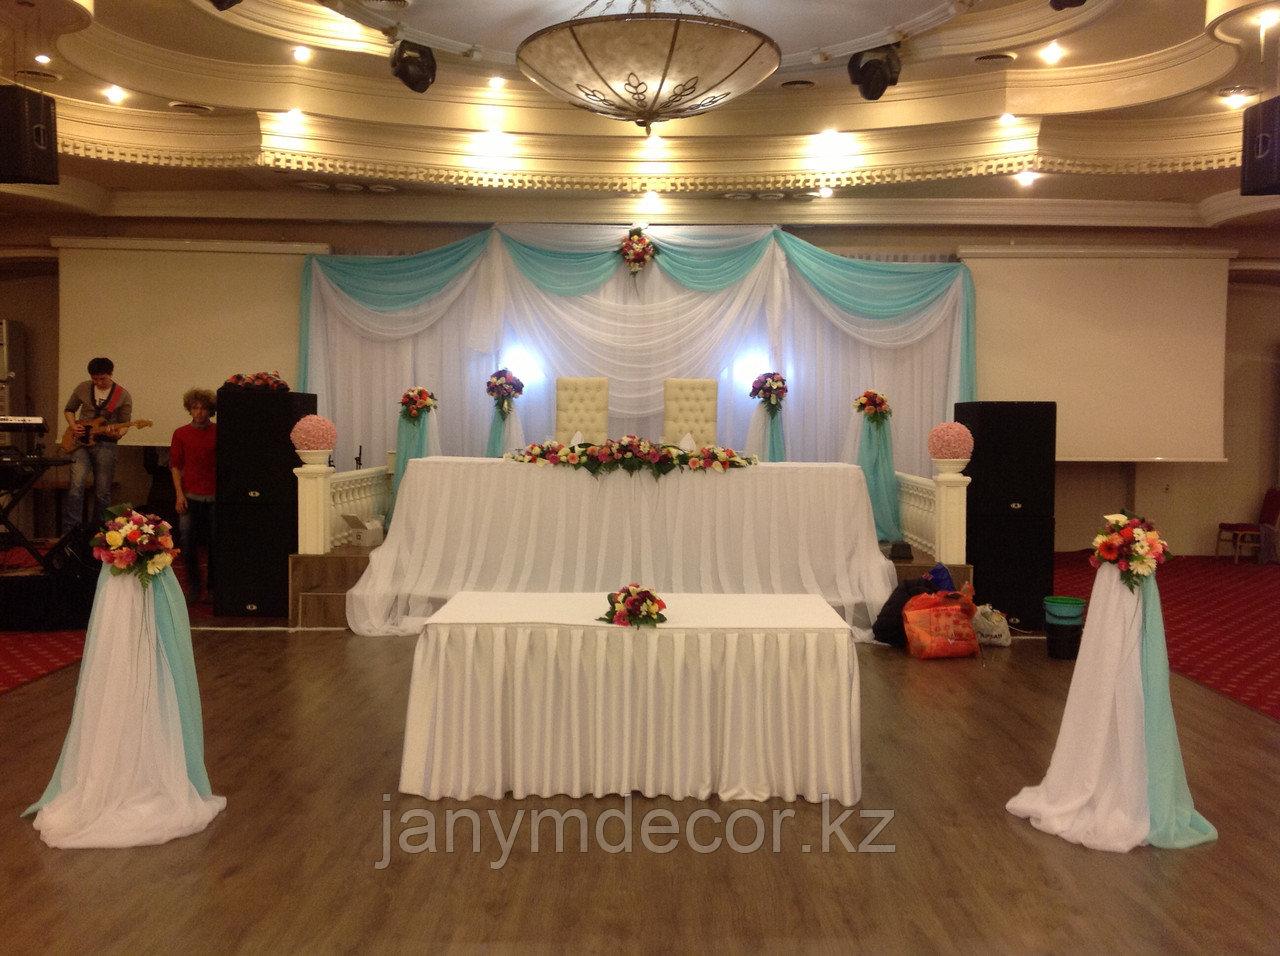 Оформление свадьбы в зале Esperanza - фото 1